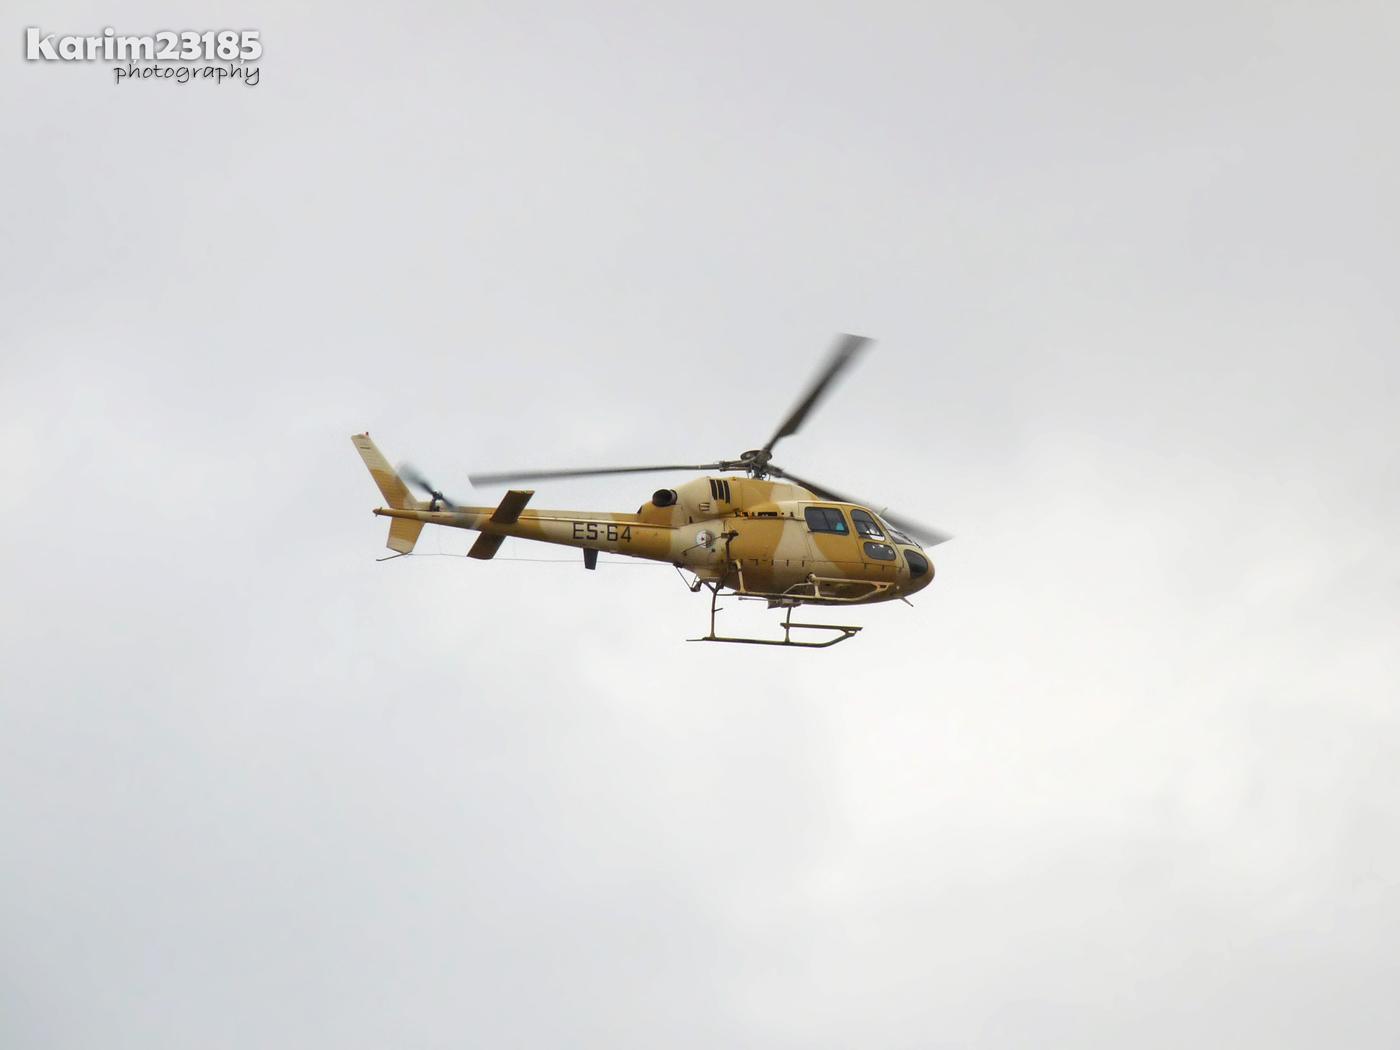 صور مروحيات القوات الجوية الجزائرية Ecureuil/Fennec ] AS-355N2 / AS-555N ] - صفحة 2 P1000095